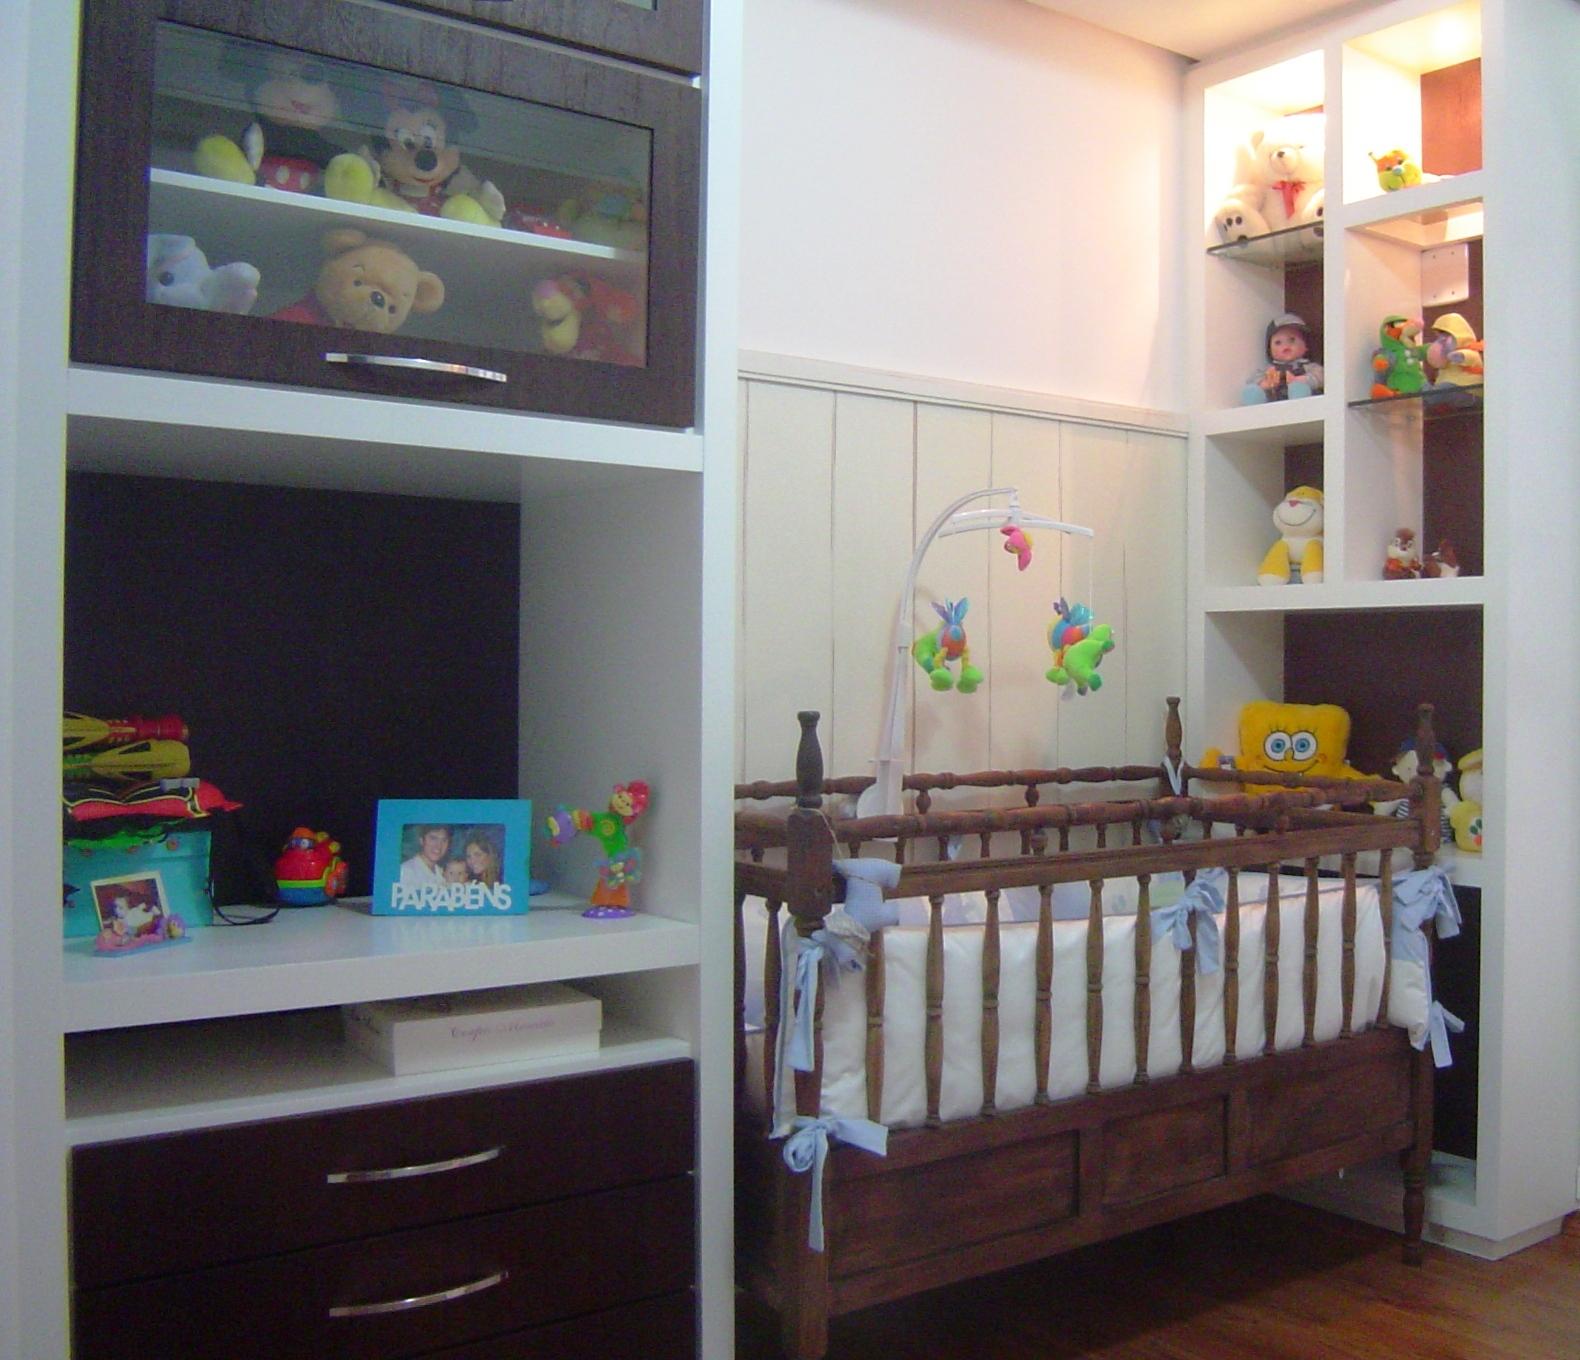 Andréa Pereira Interiores: Decoração de Quartos de Bebês #886544 1580x1360